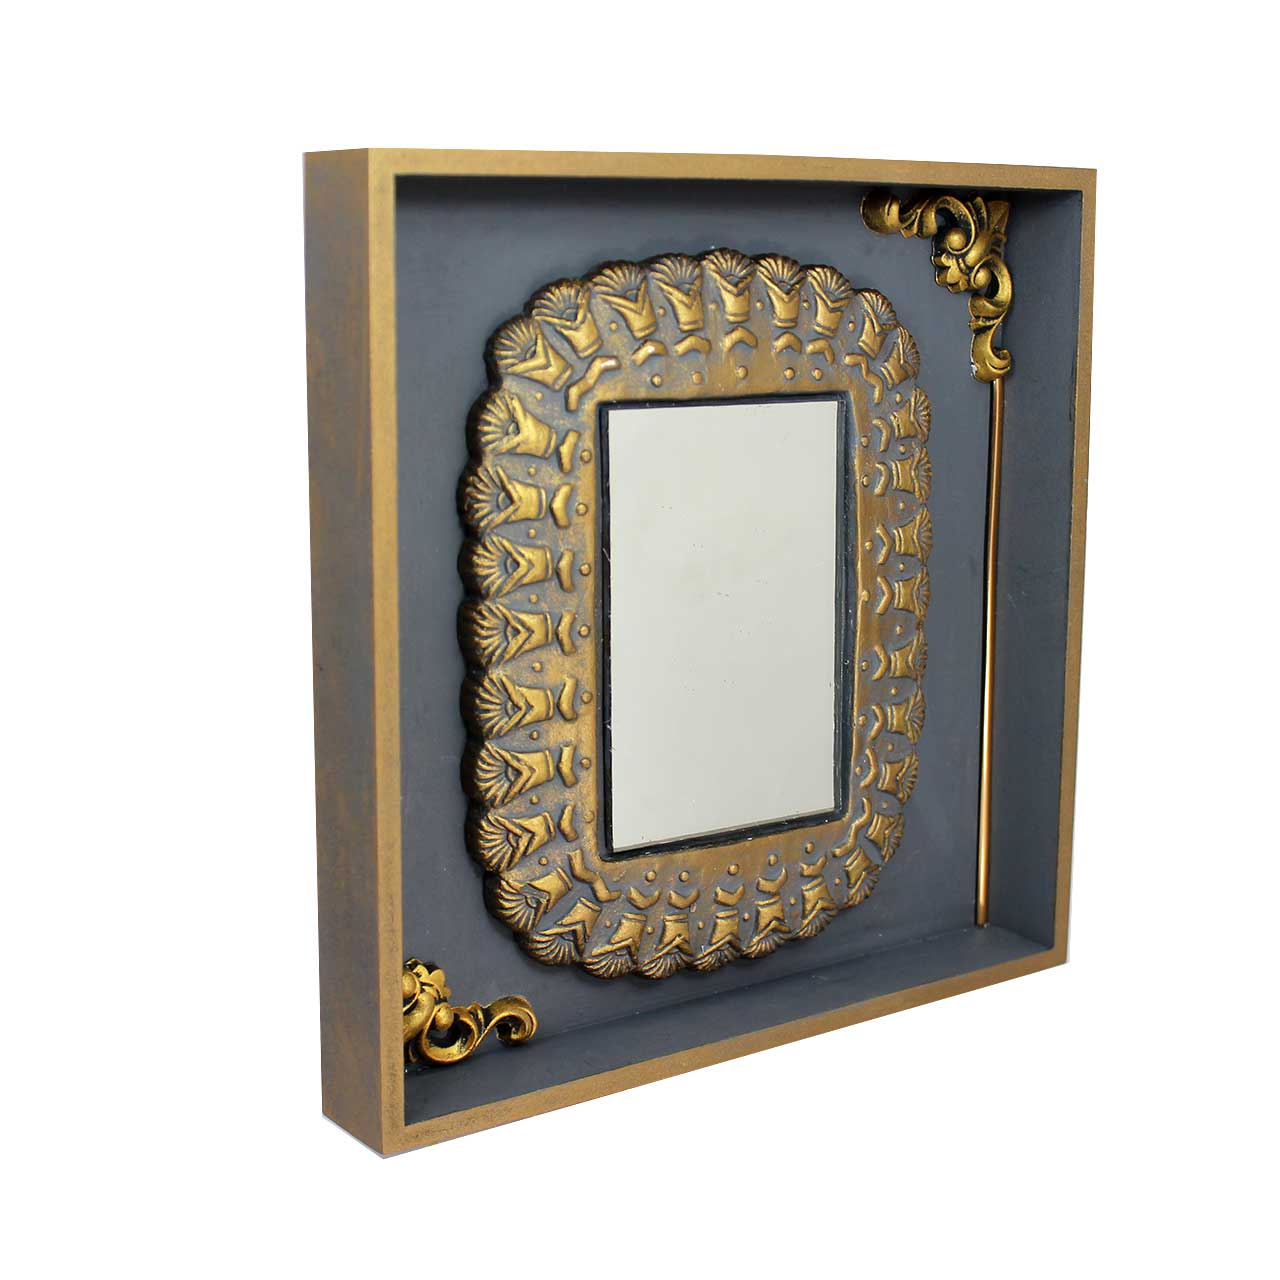 خرید                      آینه دست نگار کد 20-08